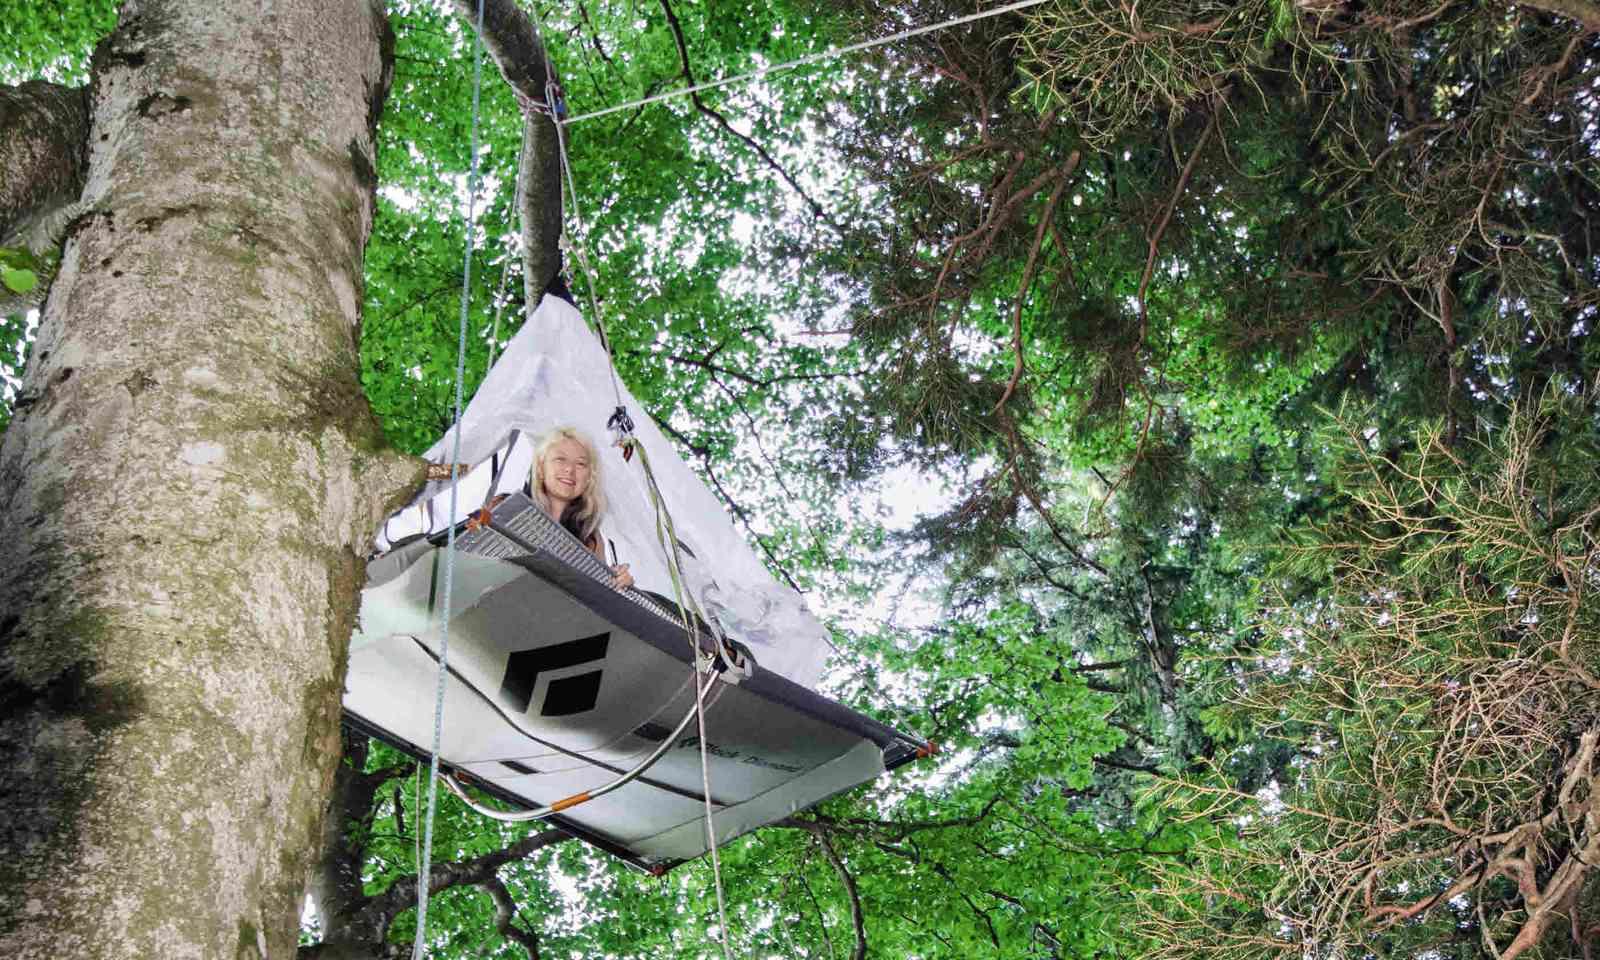 Tree-hanging tents at Waldseilgarten Höllschlucht (Neil S Price)